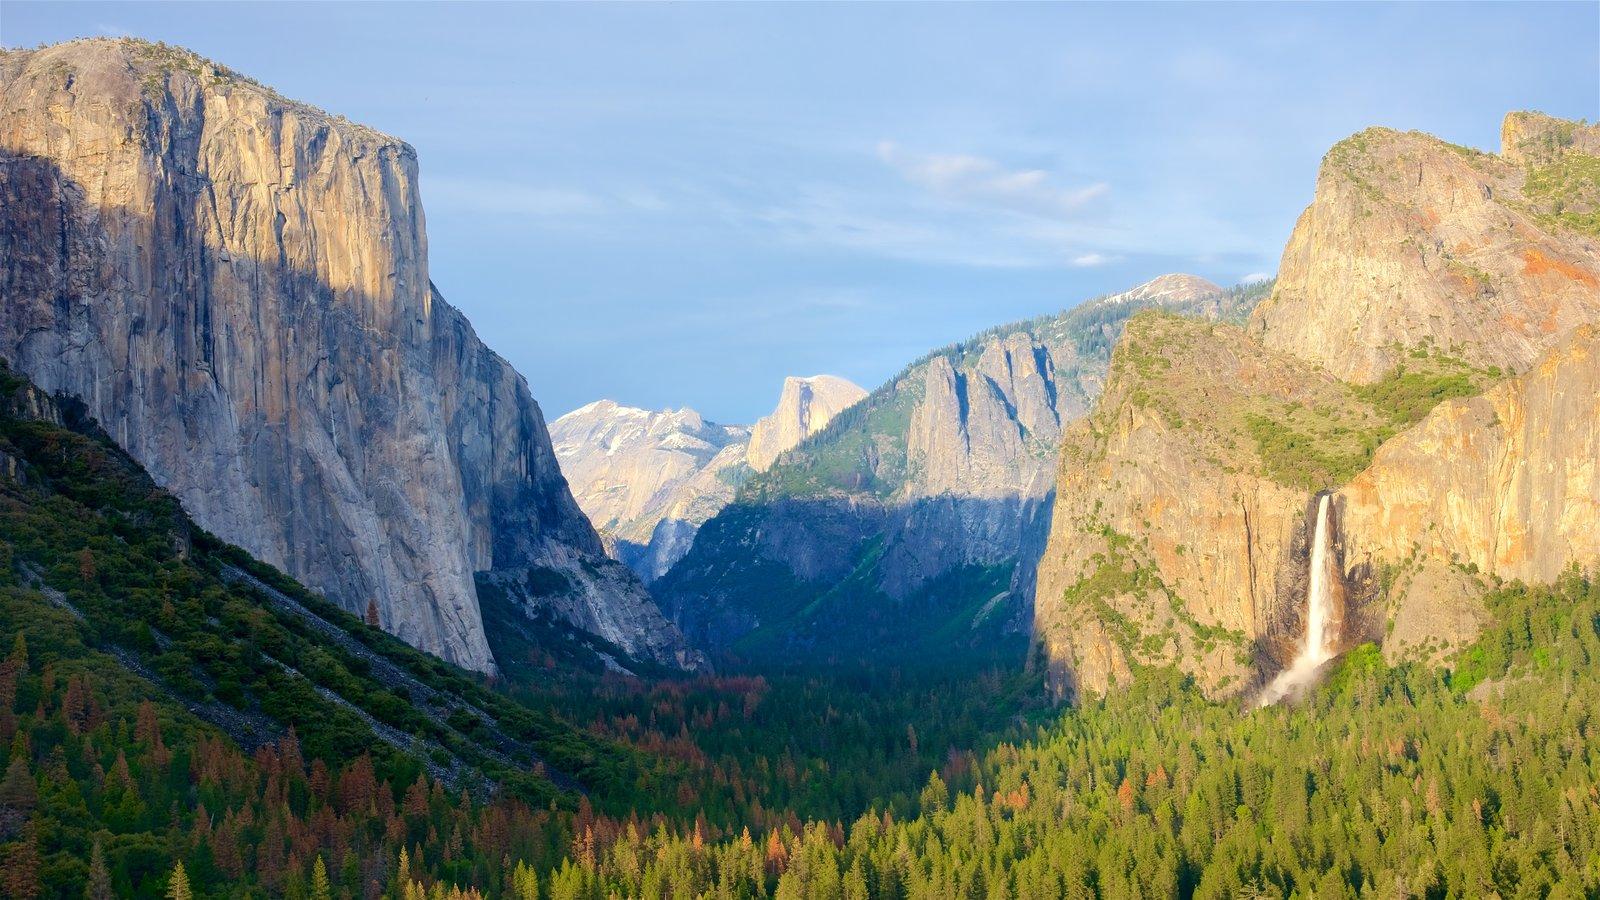 Tunnel View que inclui montanhas, cenas de floresta e paisagem